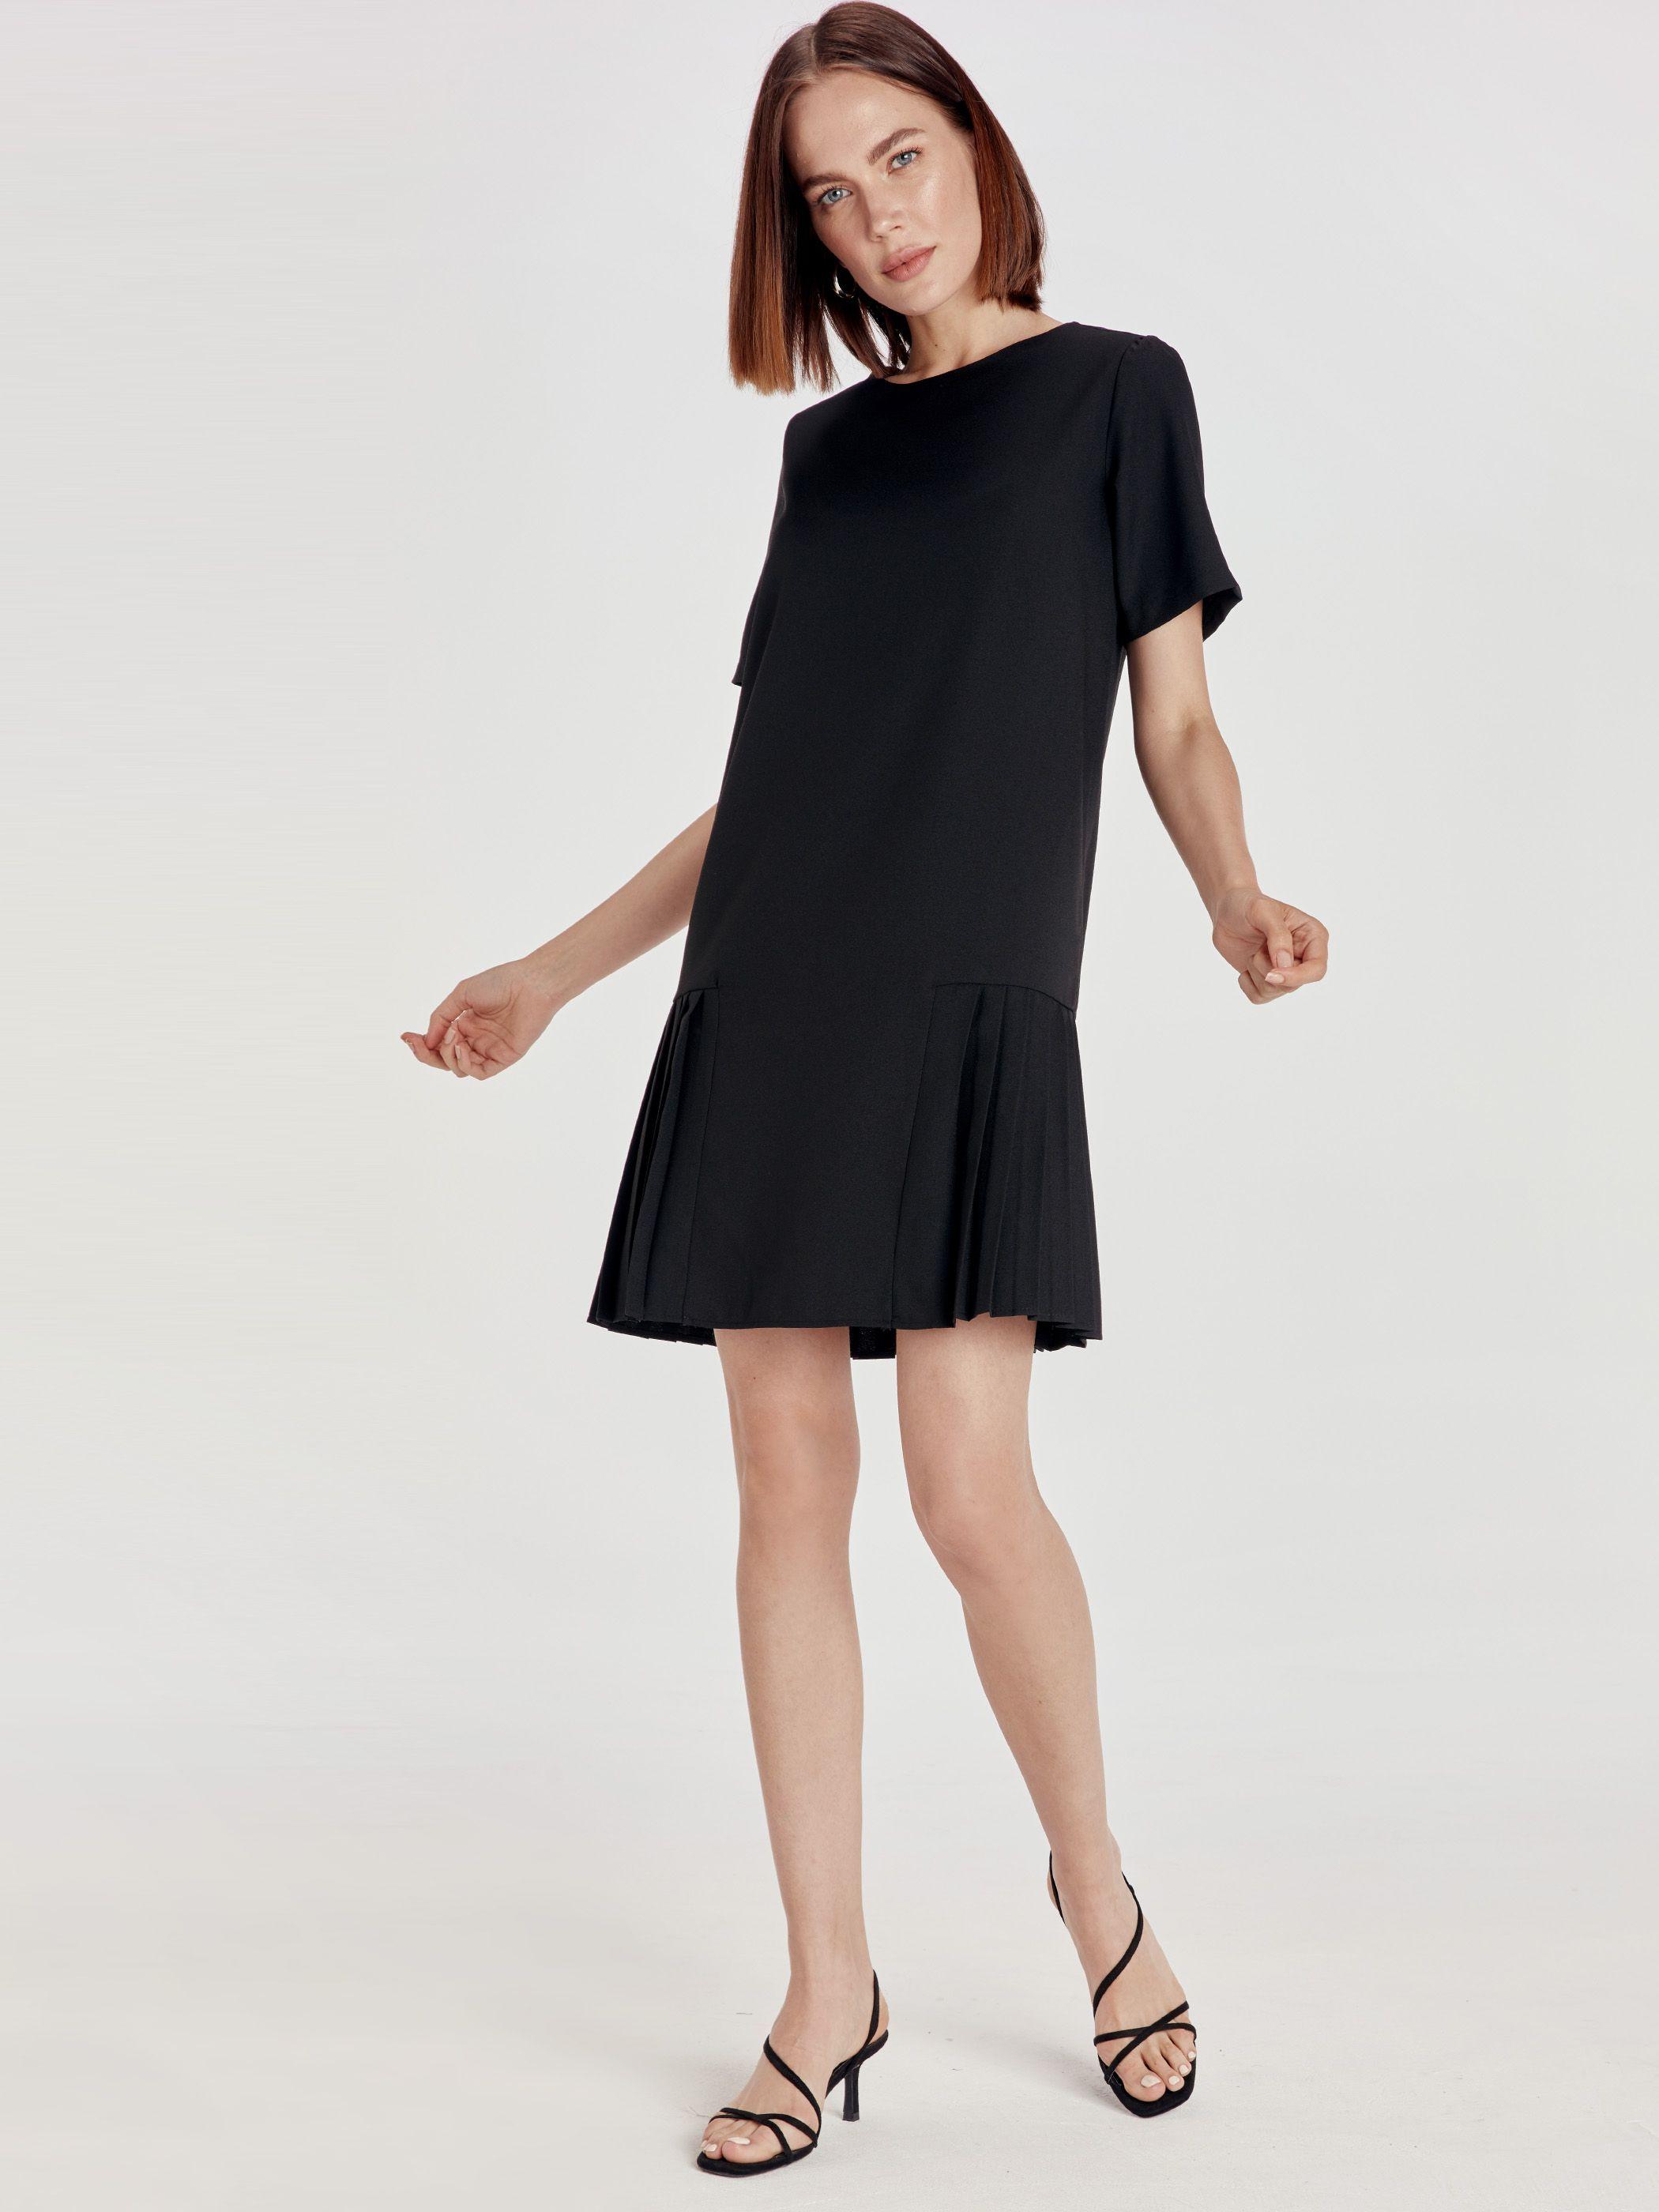 Siyah Pileli Mini Krep Elbise Lc Waikiki Elbise Moda Stilleri Siyah Kisa Elbise